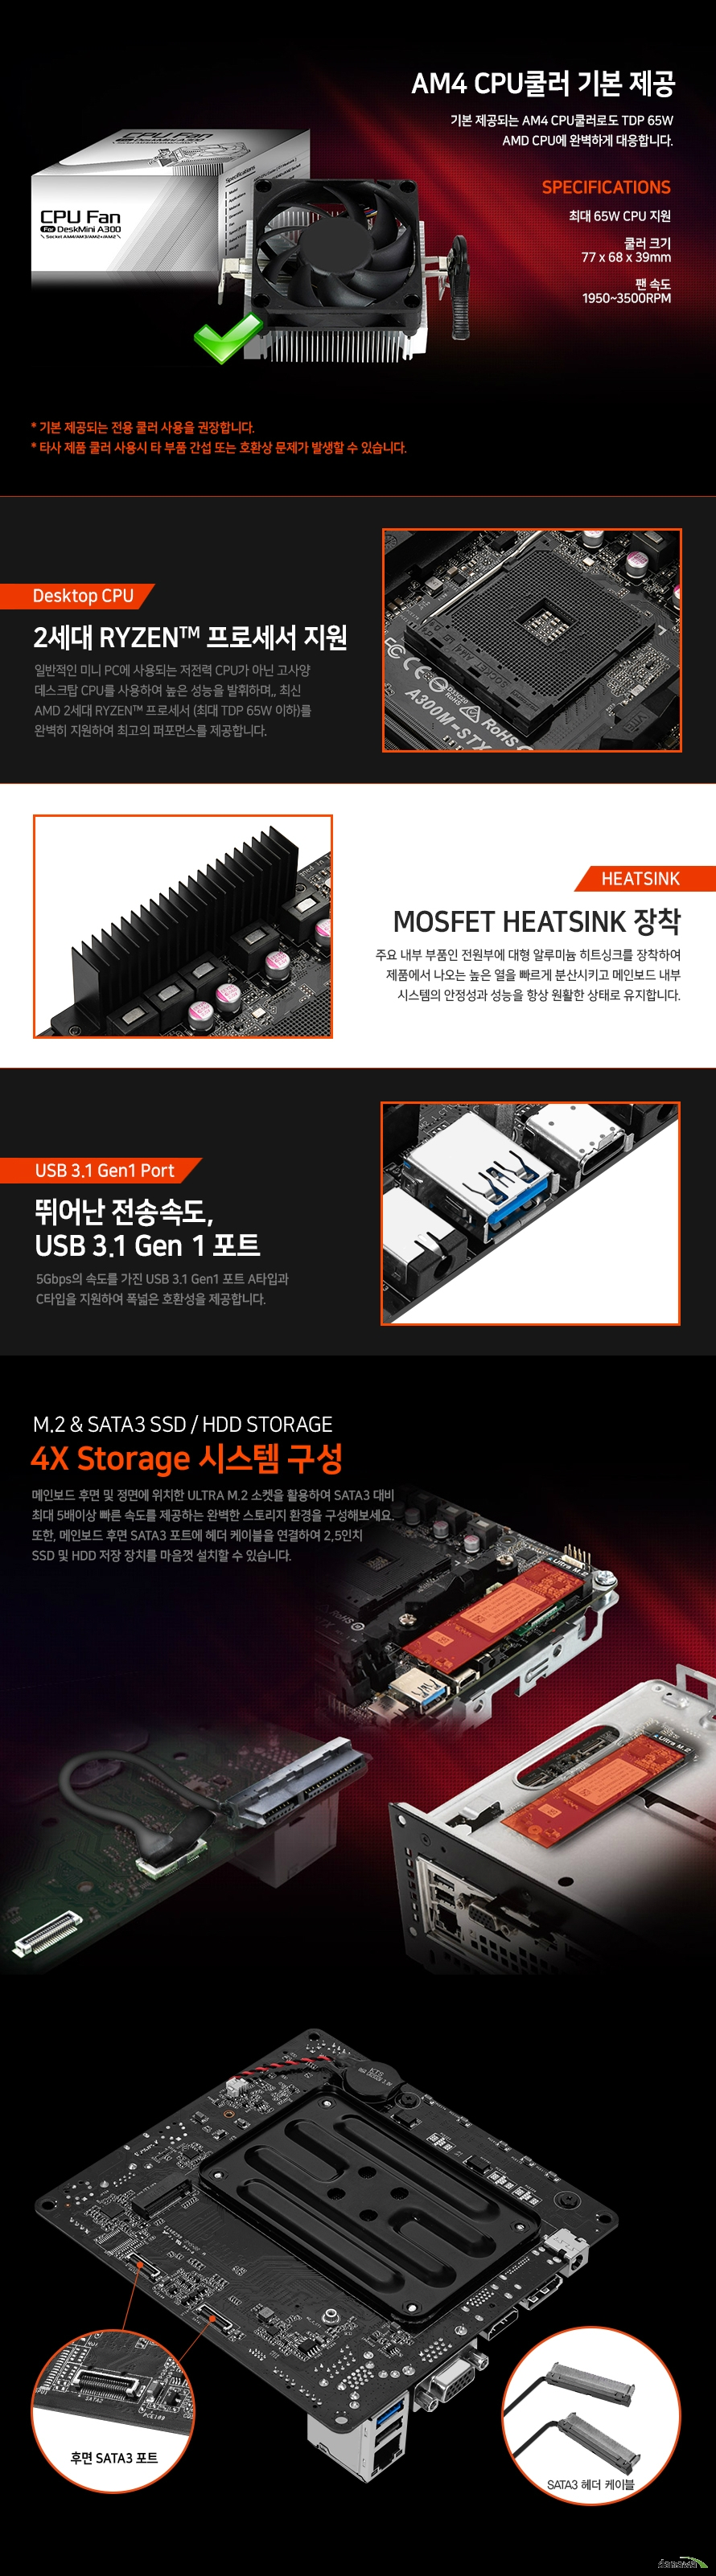 ASRock  DeskMini A300 3200G M2 Win10Pro(4GB, M2 128GB + 1TB)